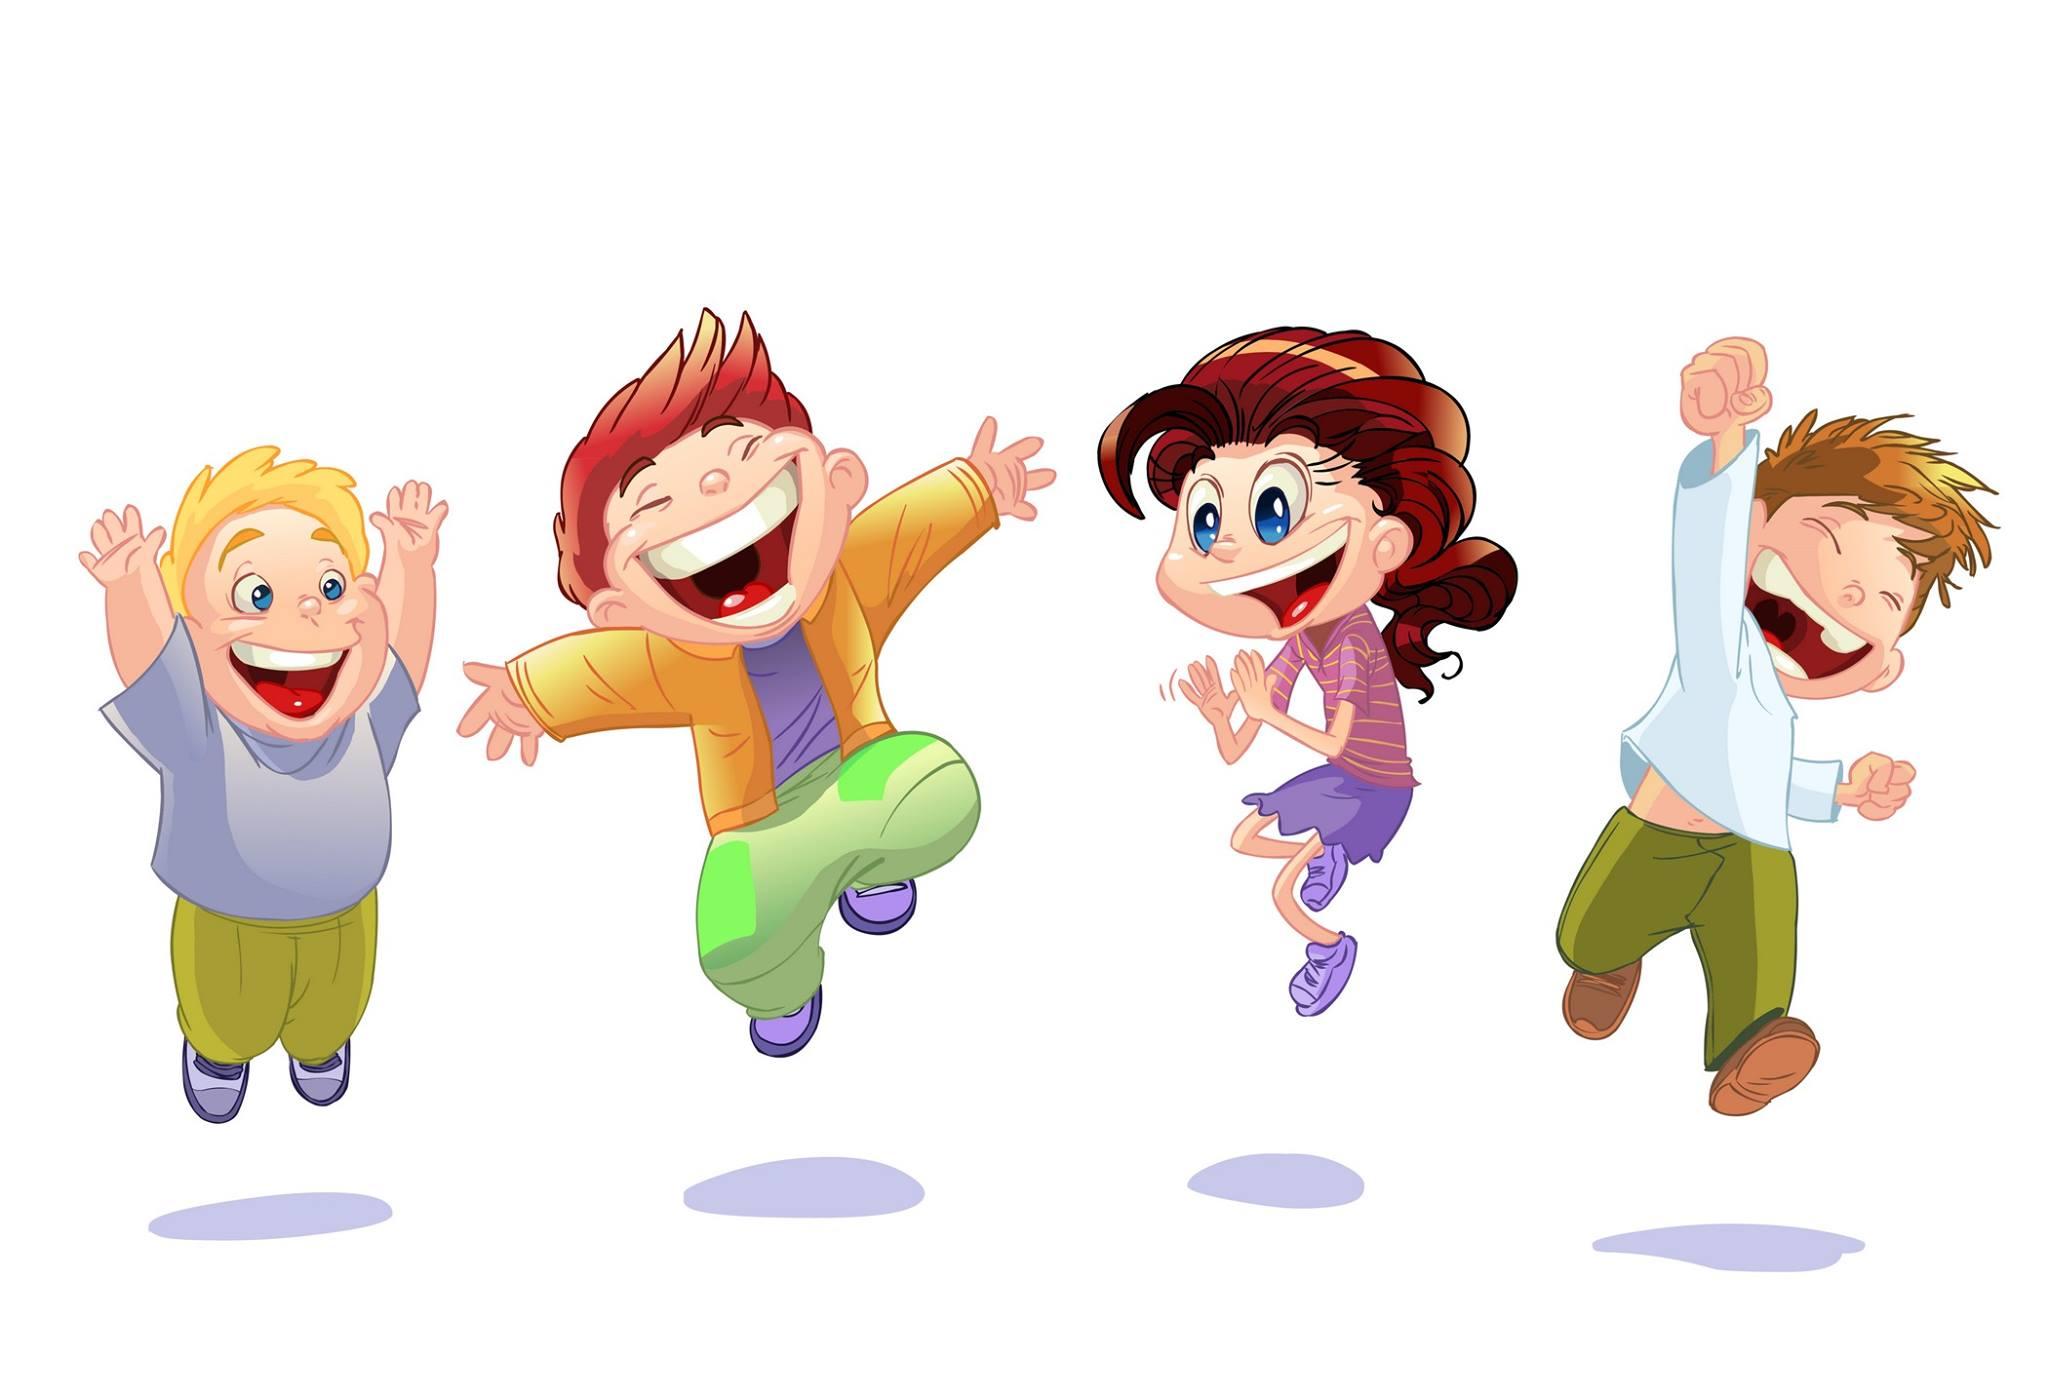 Картинка детей веселых